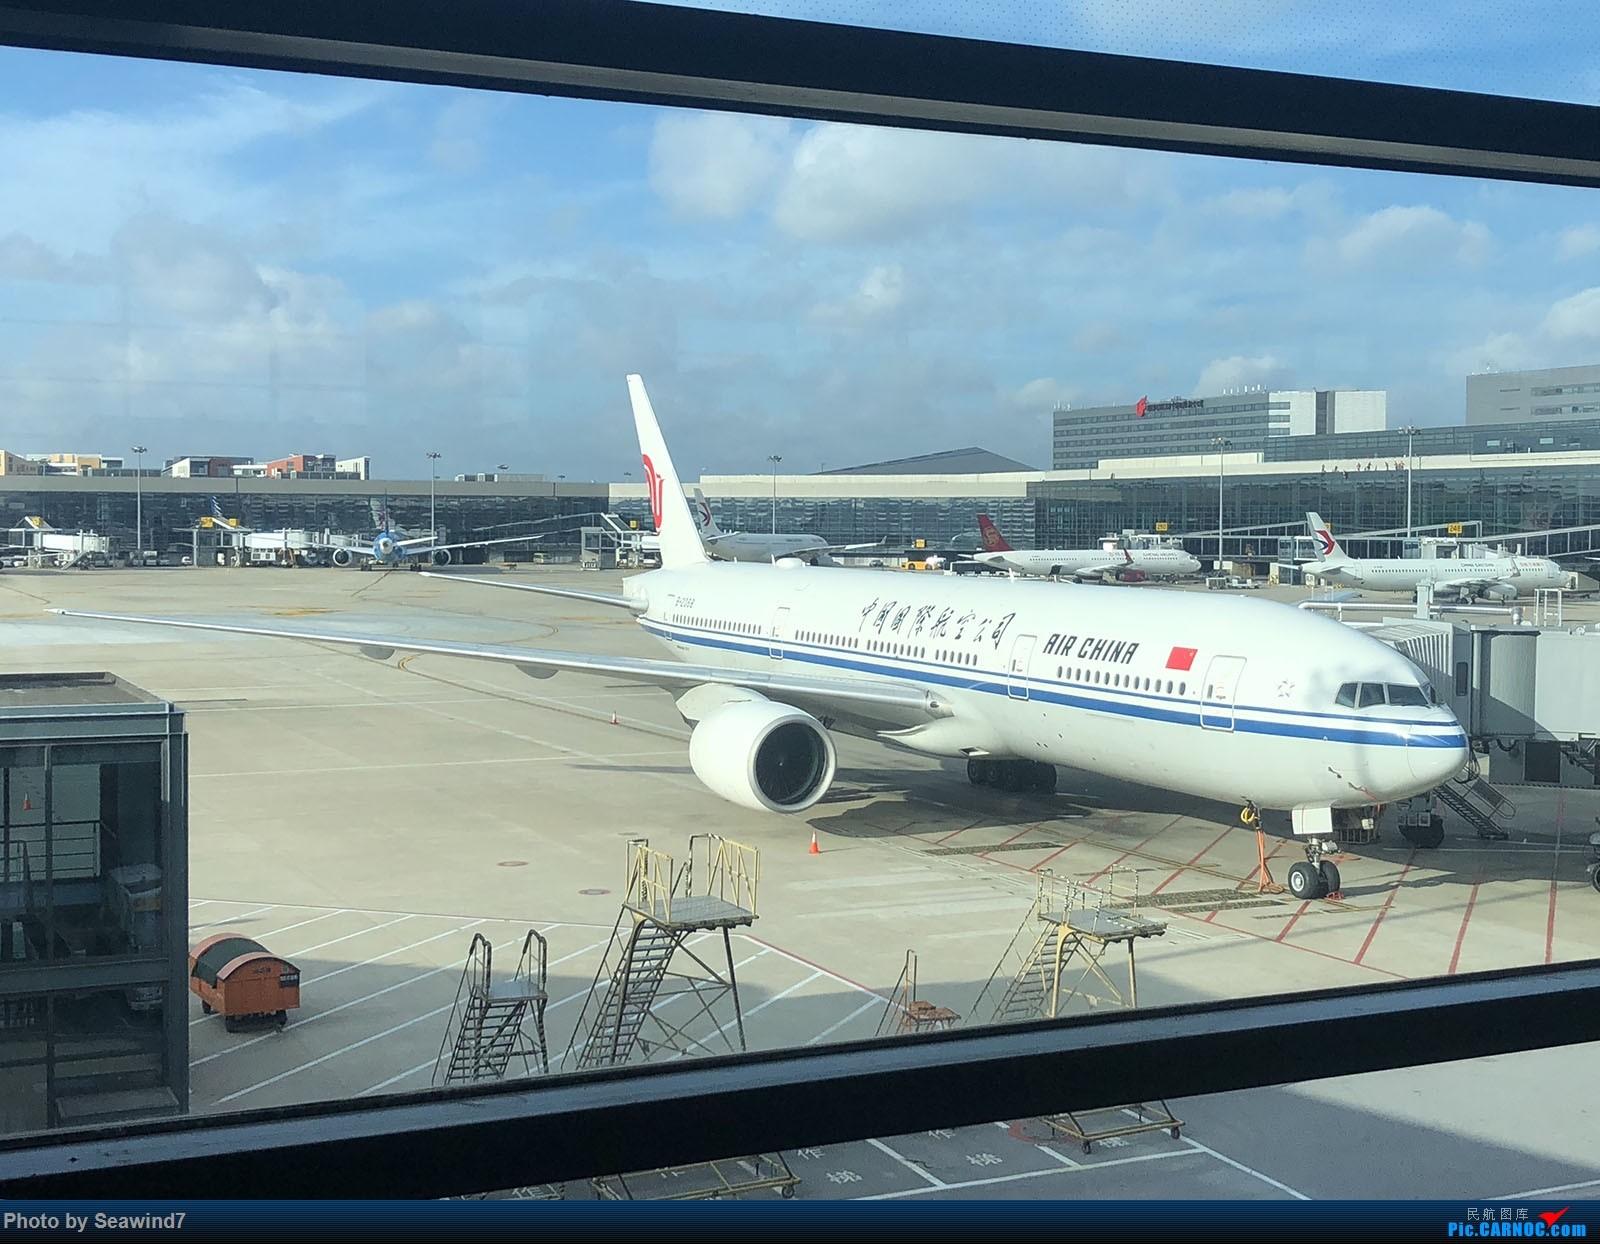 Re:[原创]东航第一架字母机/第二架320neo乘坐记 BOEING 777-200 B-2068 中国上海虹桥国际机场